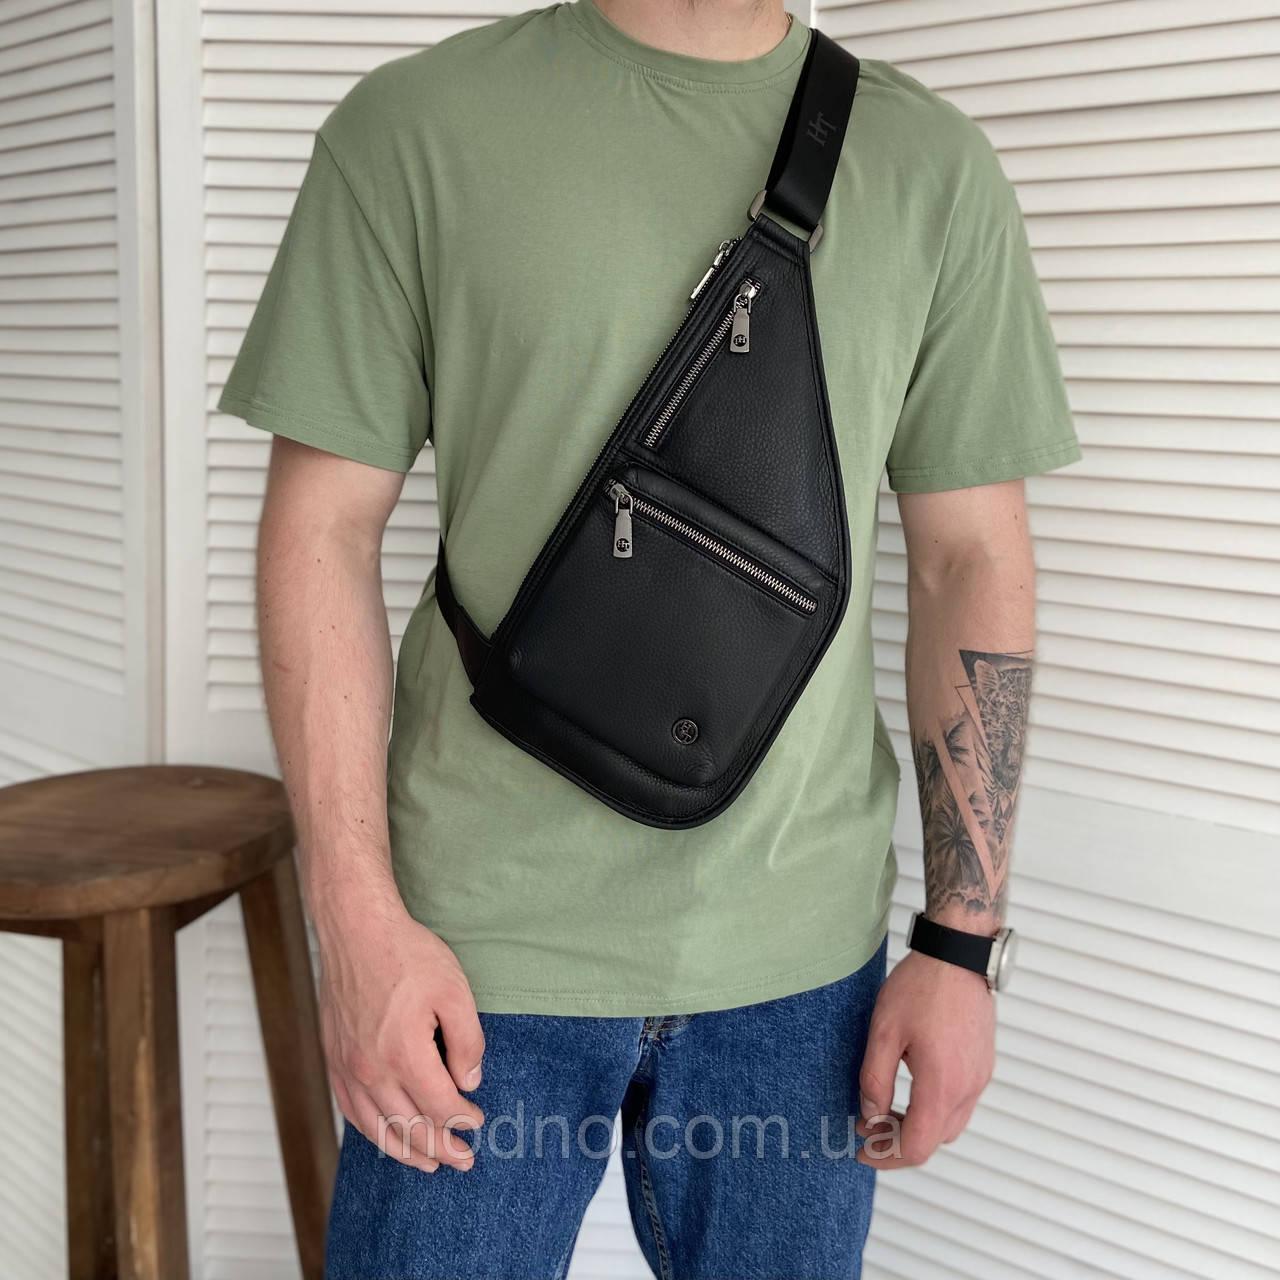 Мужская кожаная нагрудная сумка слинг через плечо H.T. Leather